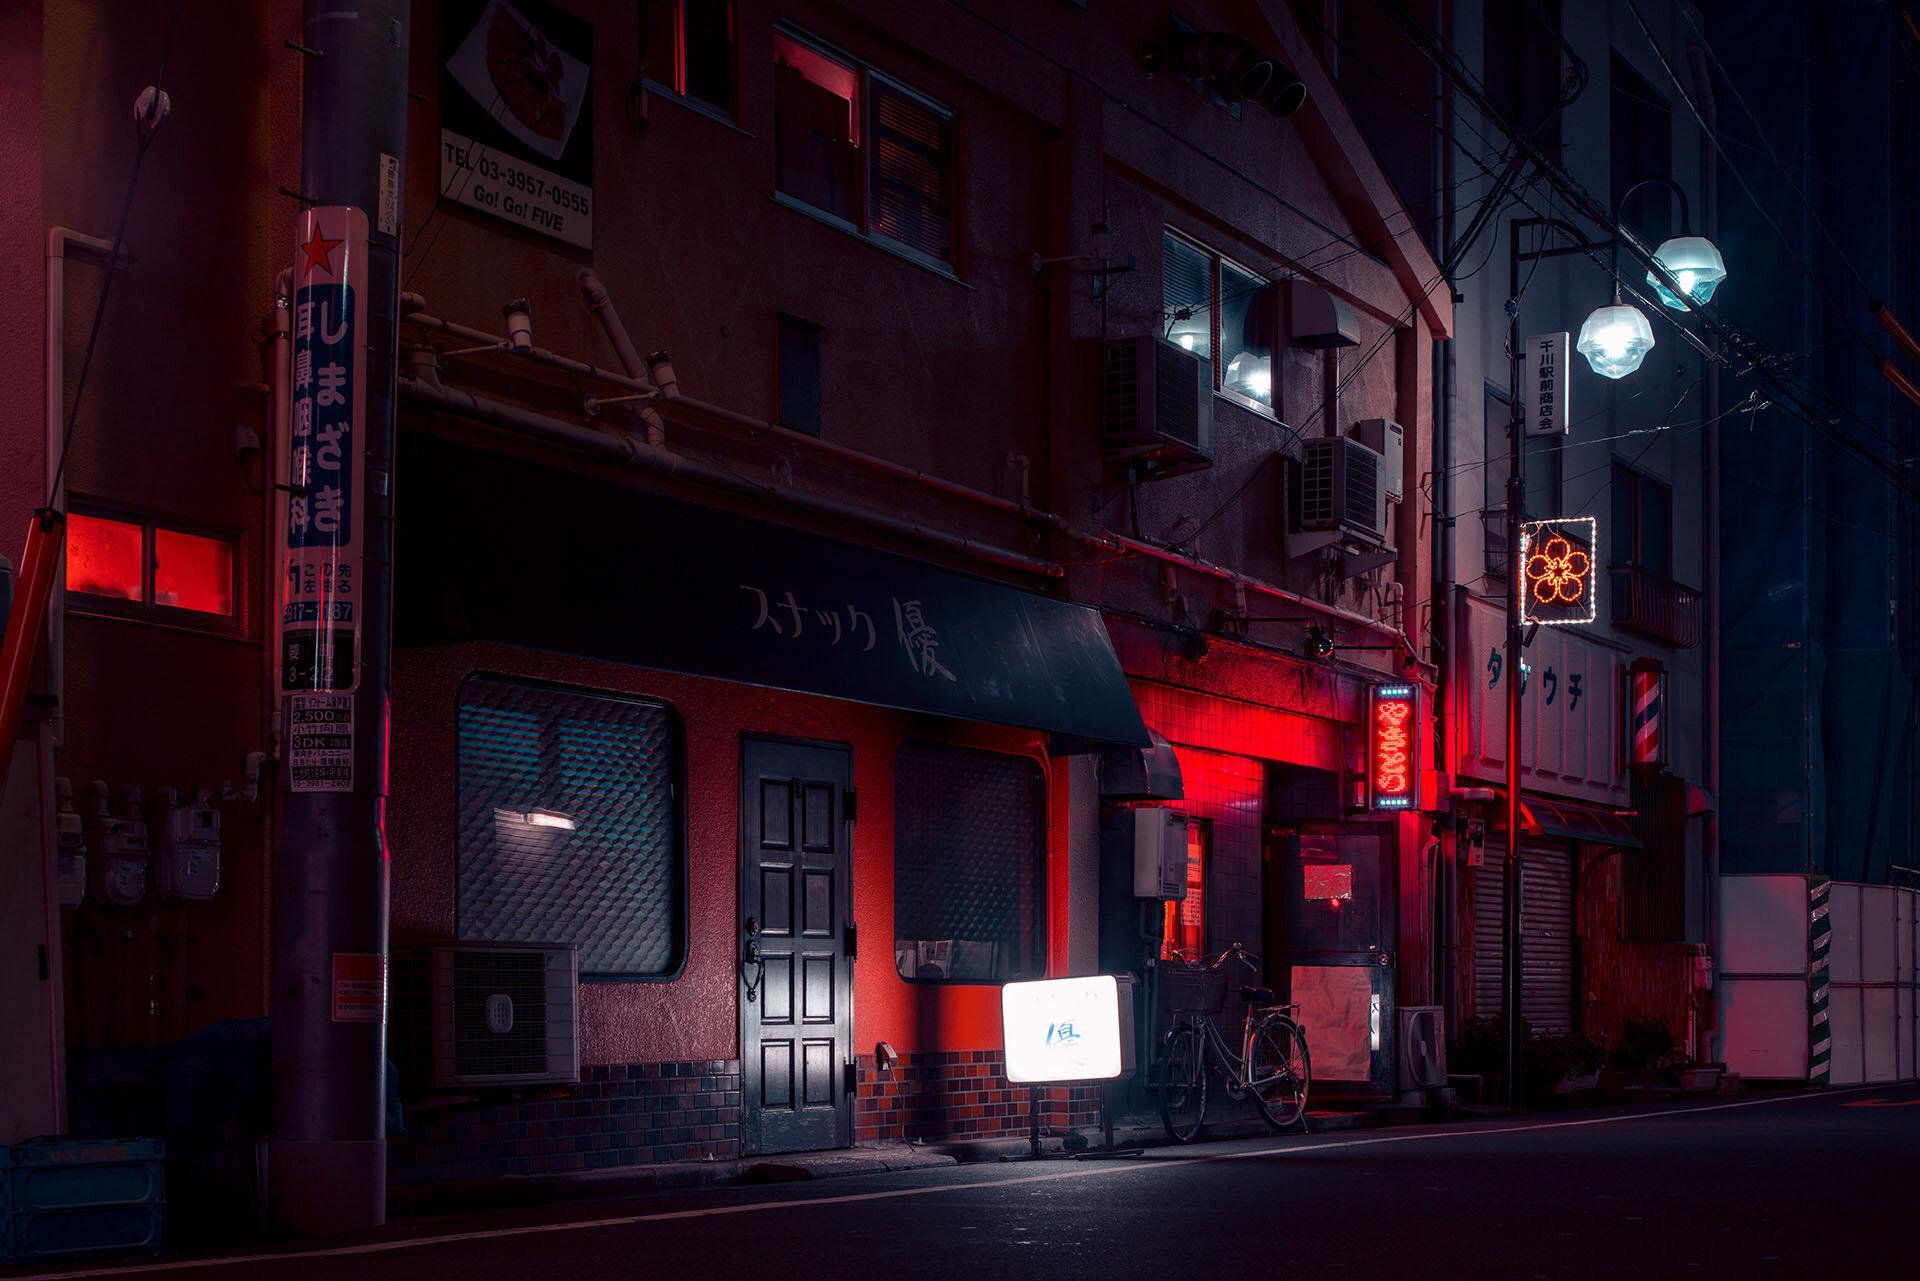 cinemascape-dm.jpg